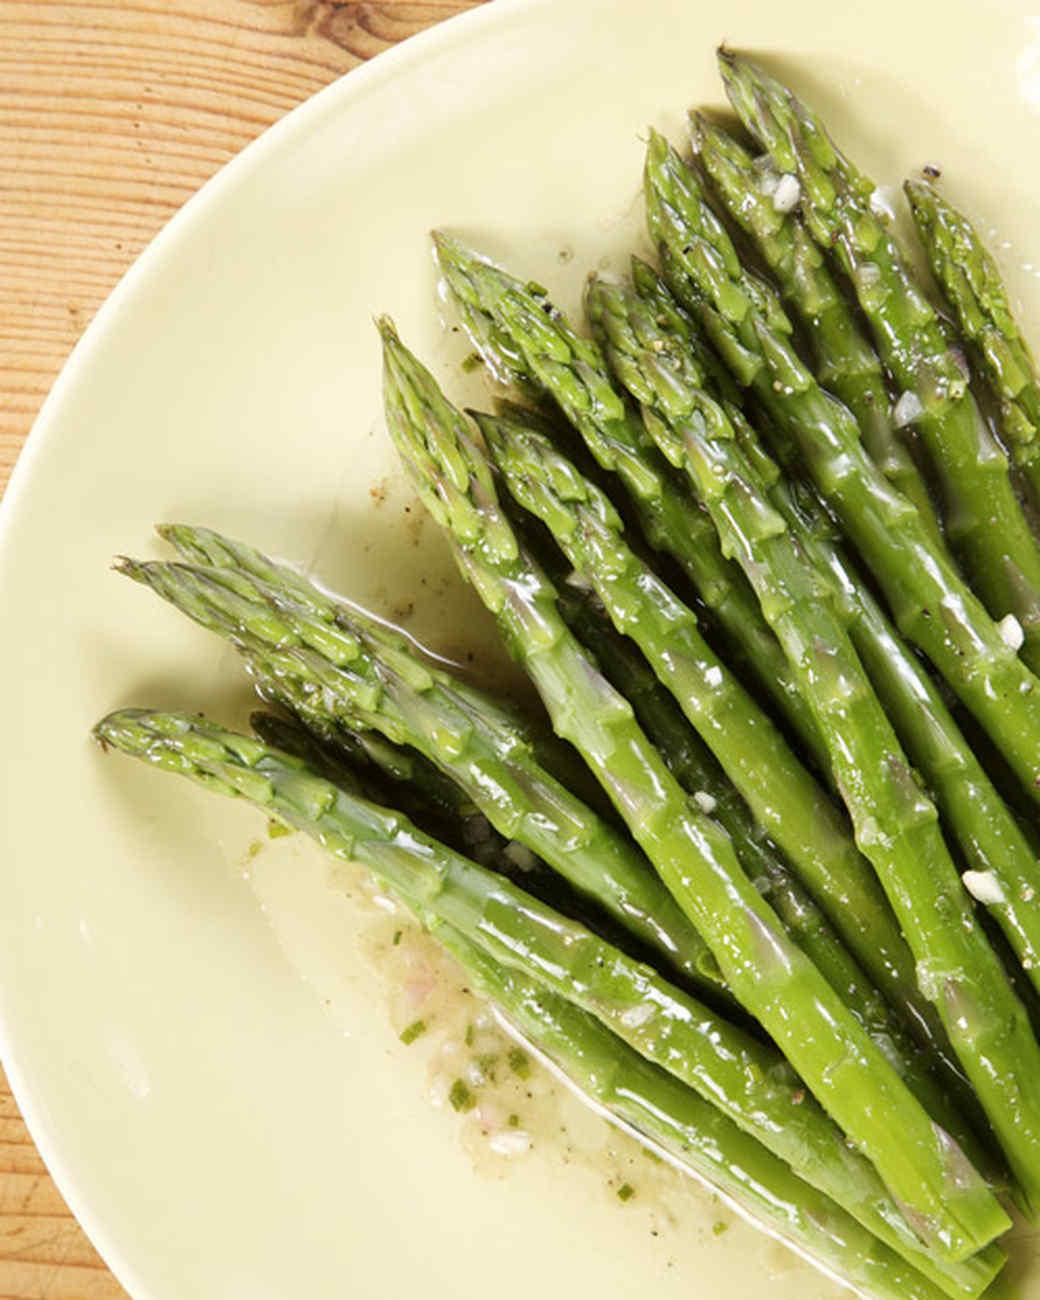 4113_031009_asparagus.jpg